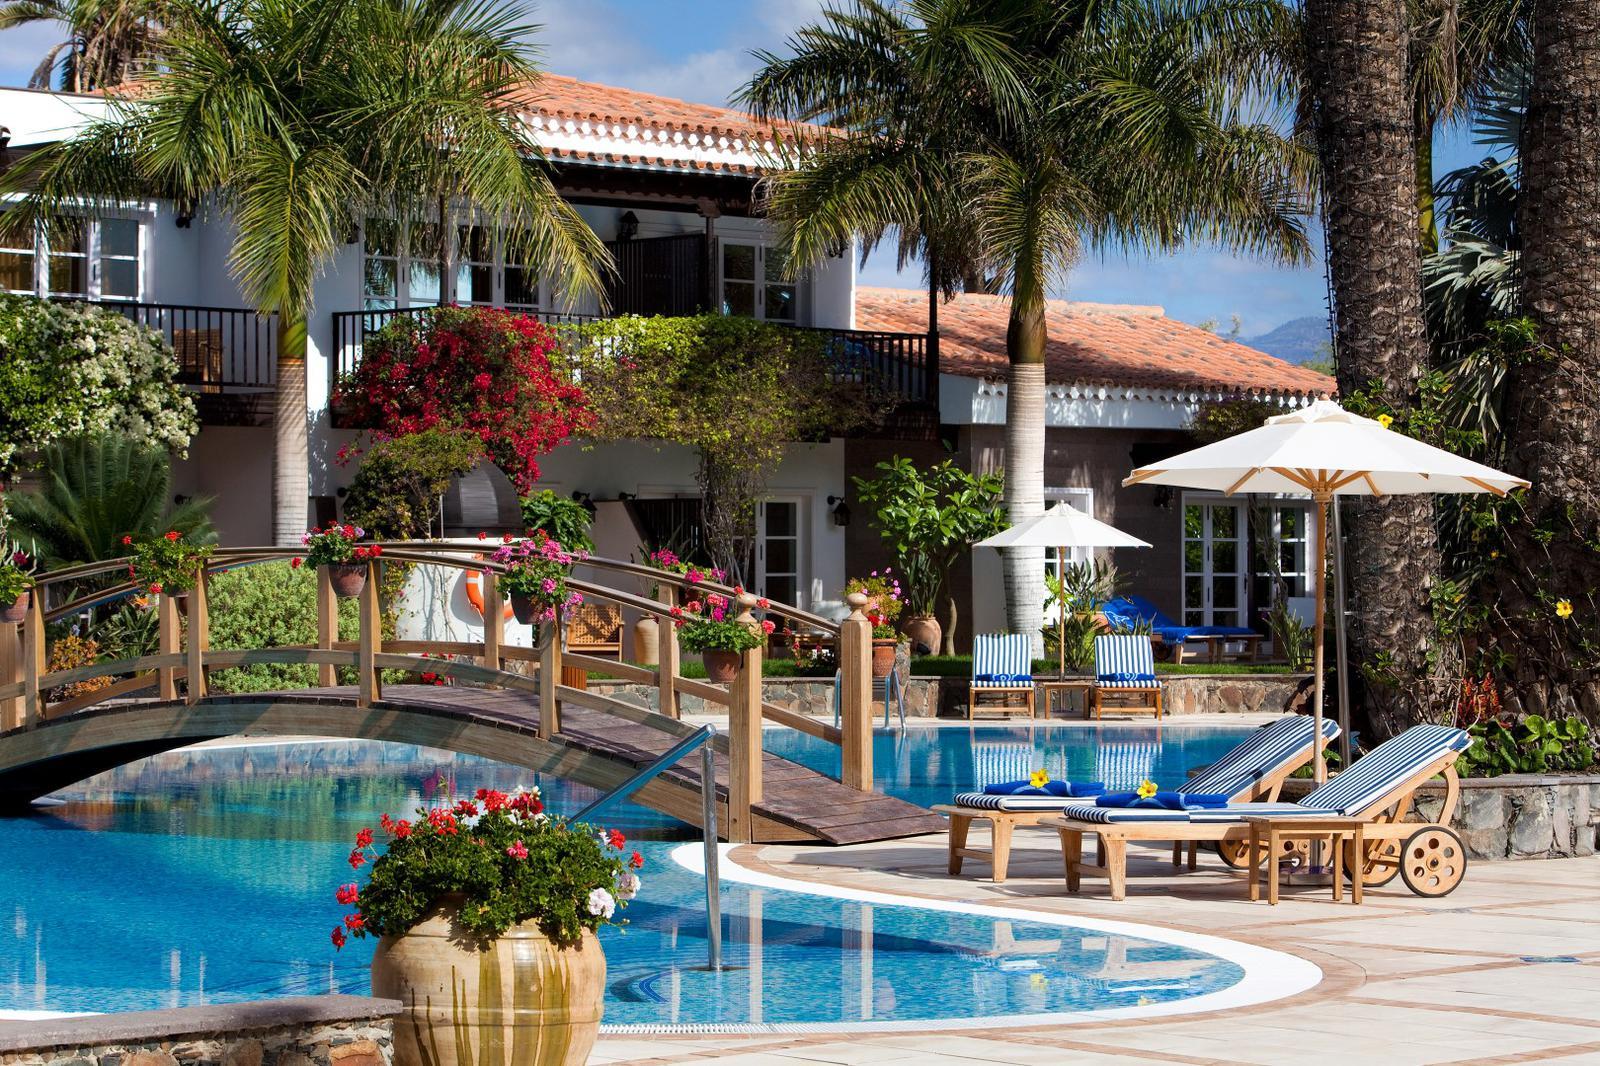 Los 10 mejores hoteles de playa en espa a en 2015 for Hotel husa jardines de albia